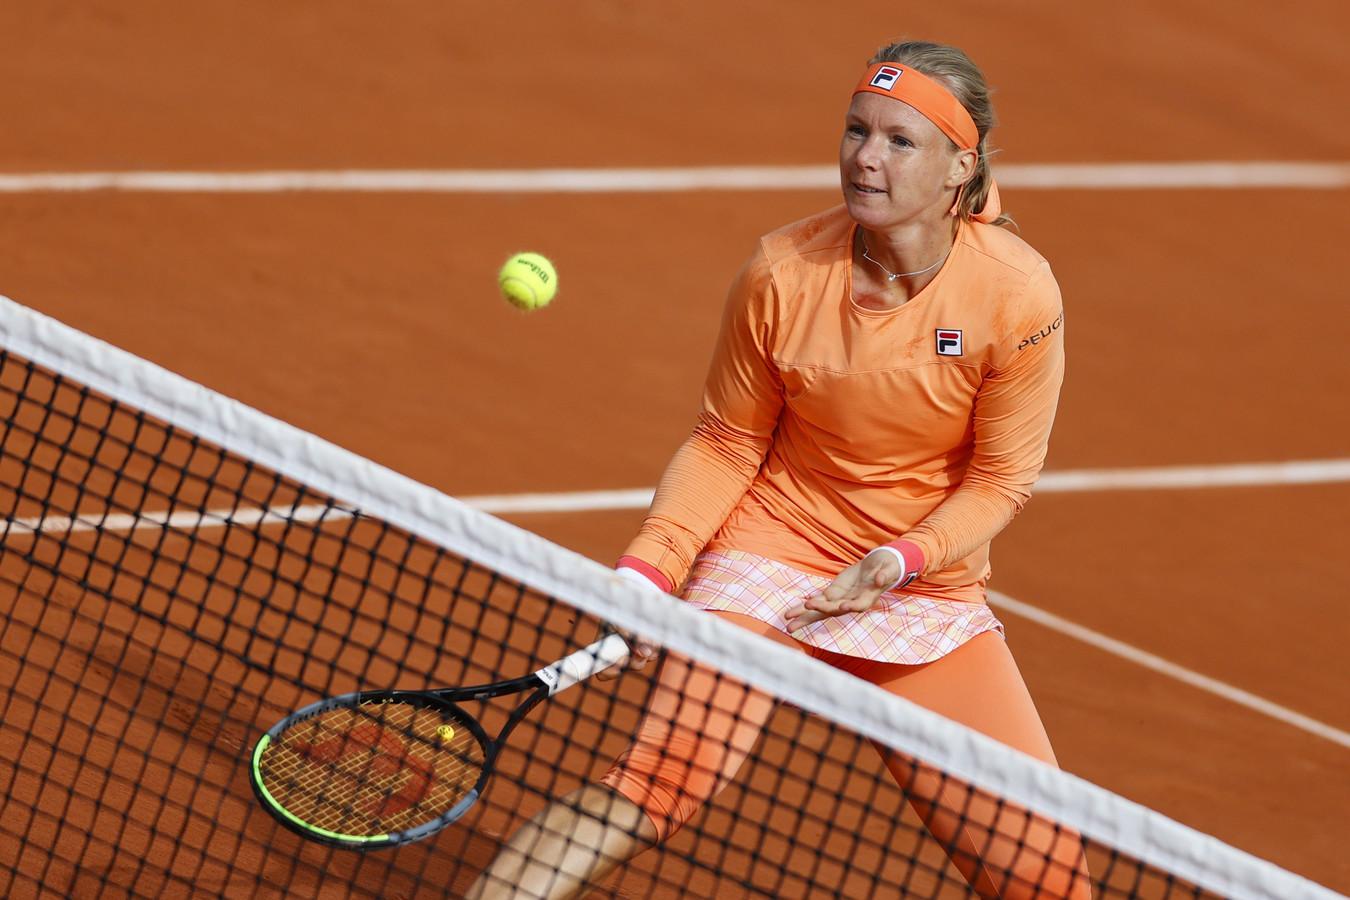 Kiki Bertens haalt met een verbeten gezicht nog net een bal aan het net. De vraag is: is ze voldoende hersteld om er morgen tegen Katerina Siniakova weer te staan?